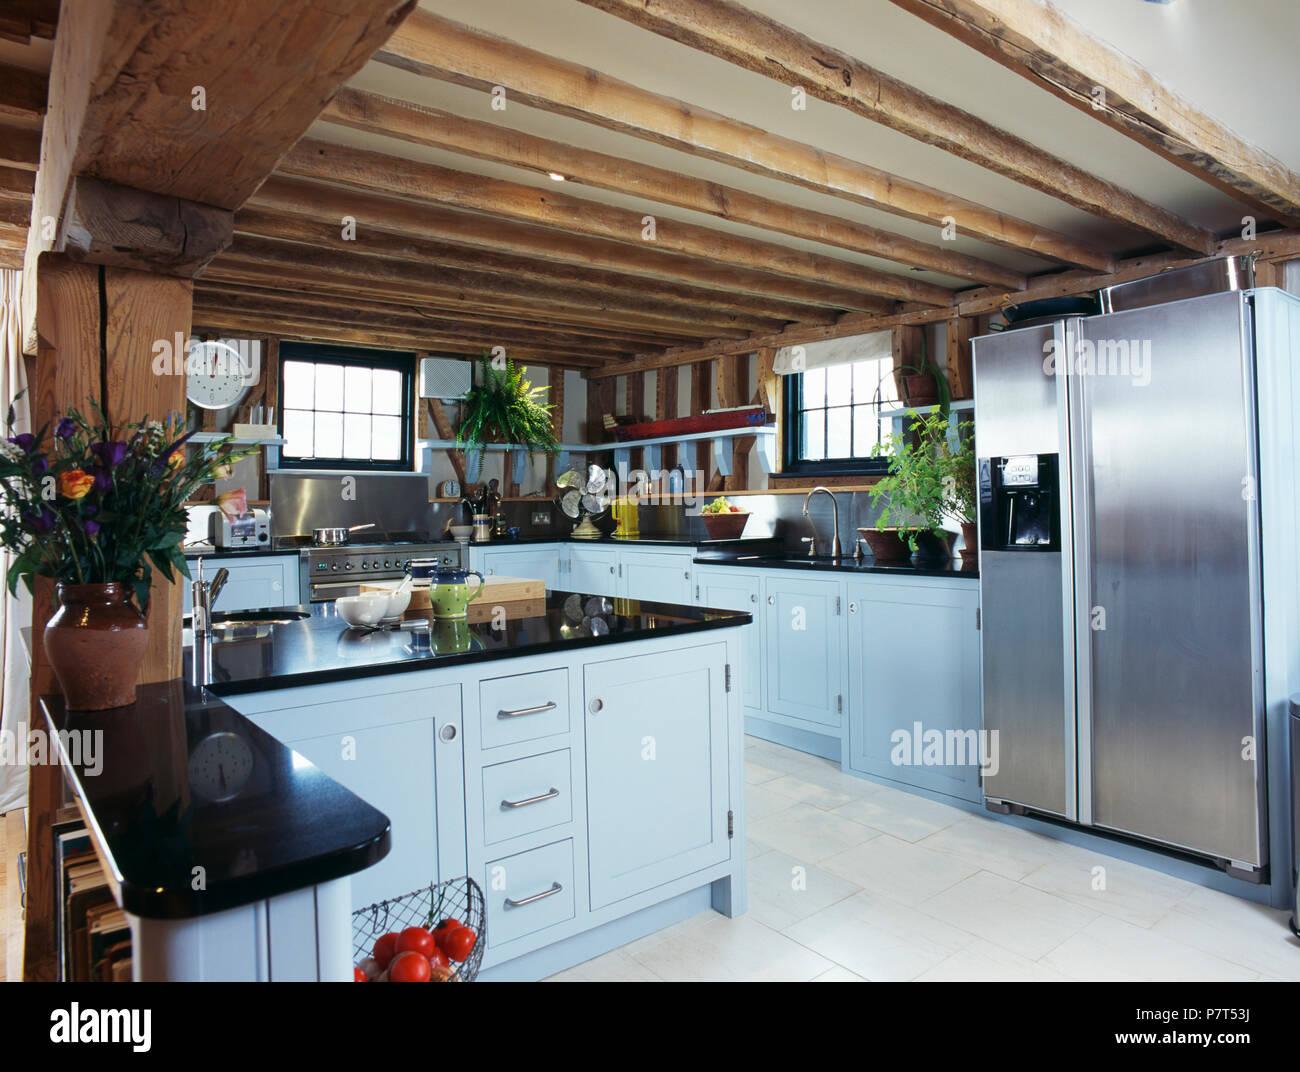 Edelstahl Amerikanischem Kühlschrank Mit Gefrierfach In Holzbalkendecken  Land Küche Mit Hellblauen Montierten Einheiten